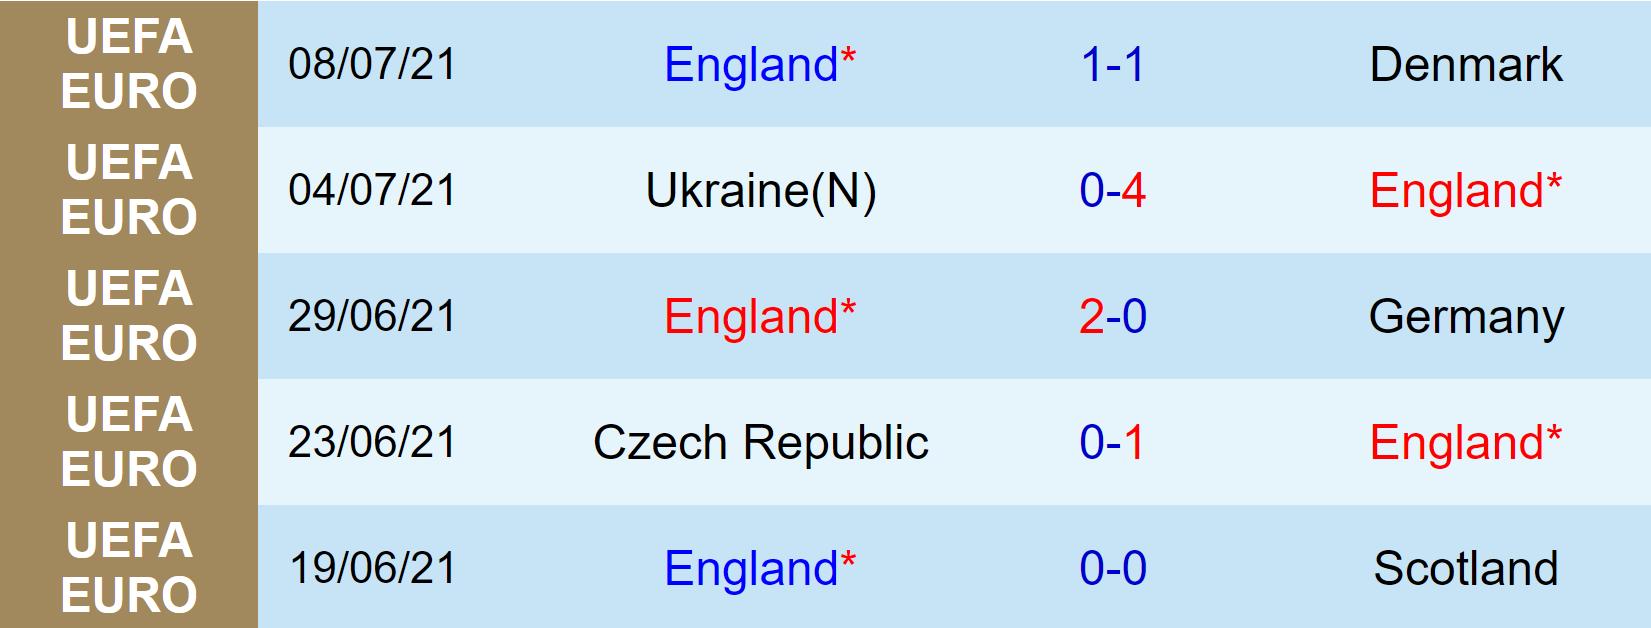 Nhận định, soi kèo, dự đoán Ý vs Anh, chung kết EURO 2020 - Ảnh 5.